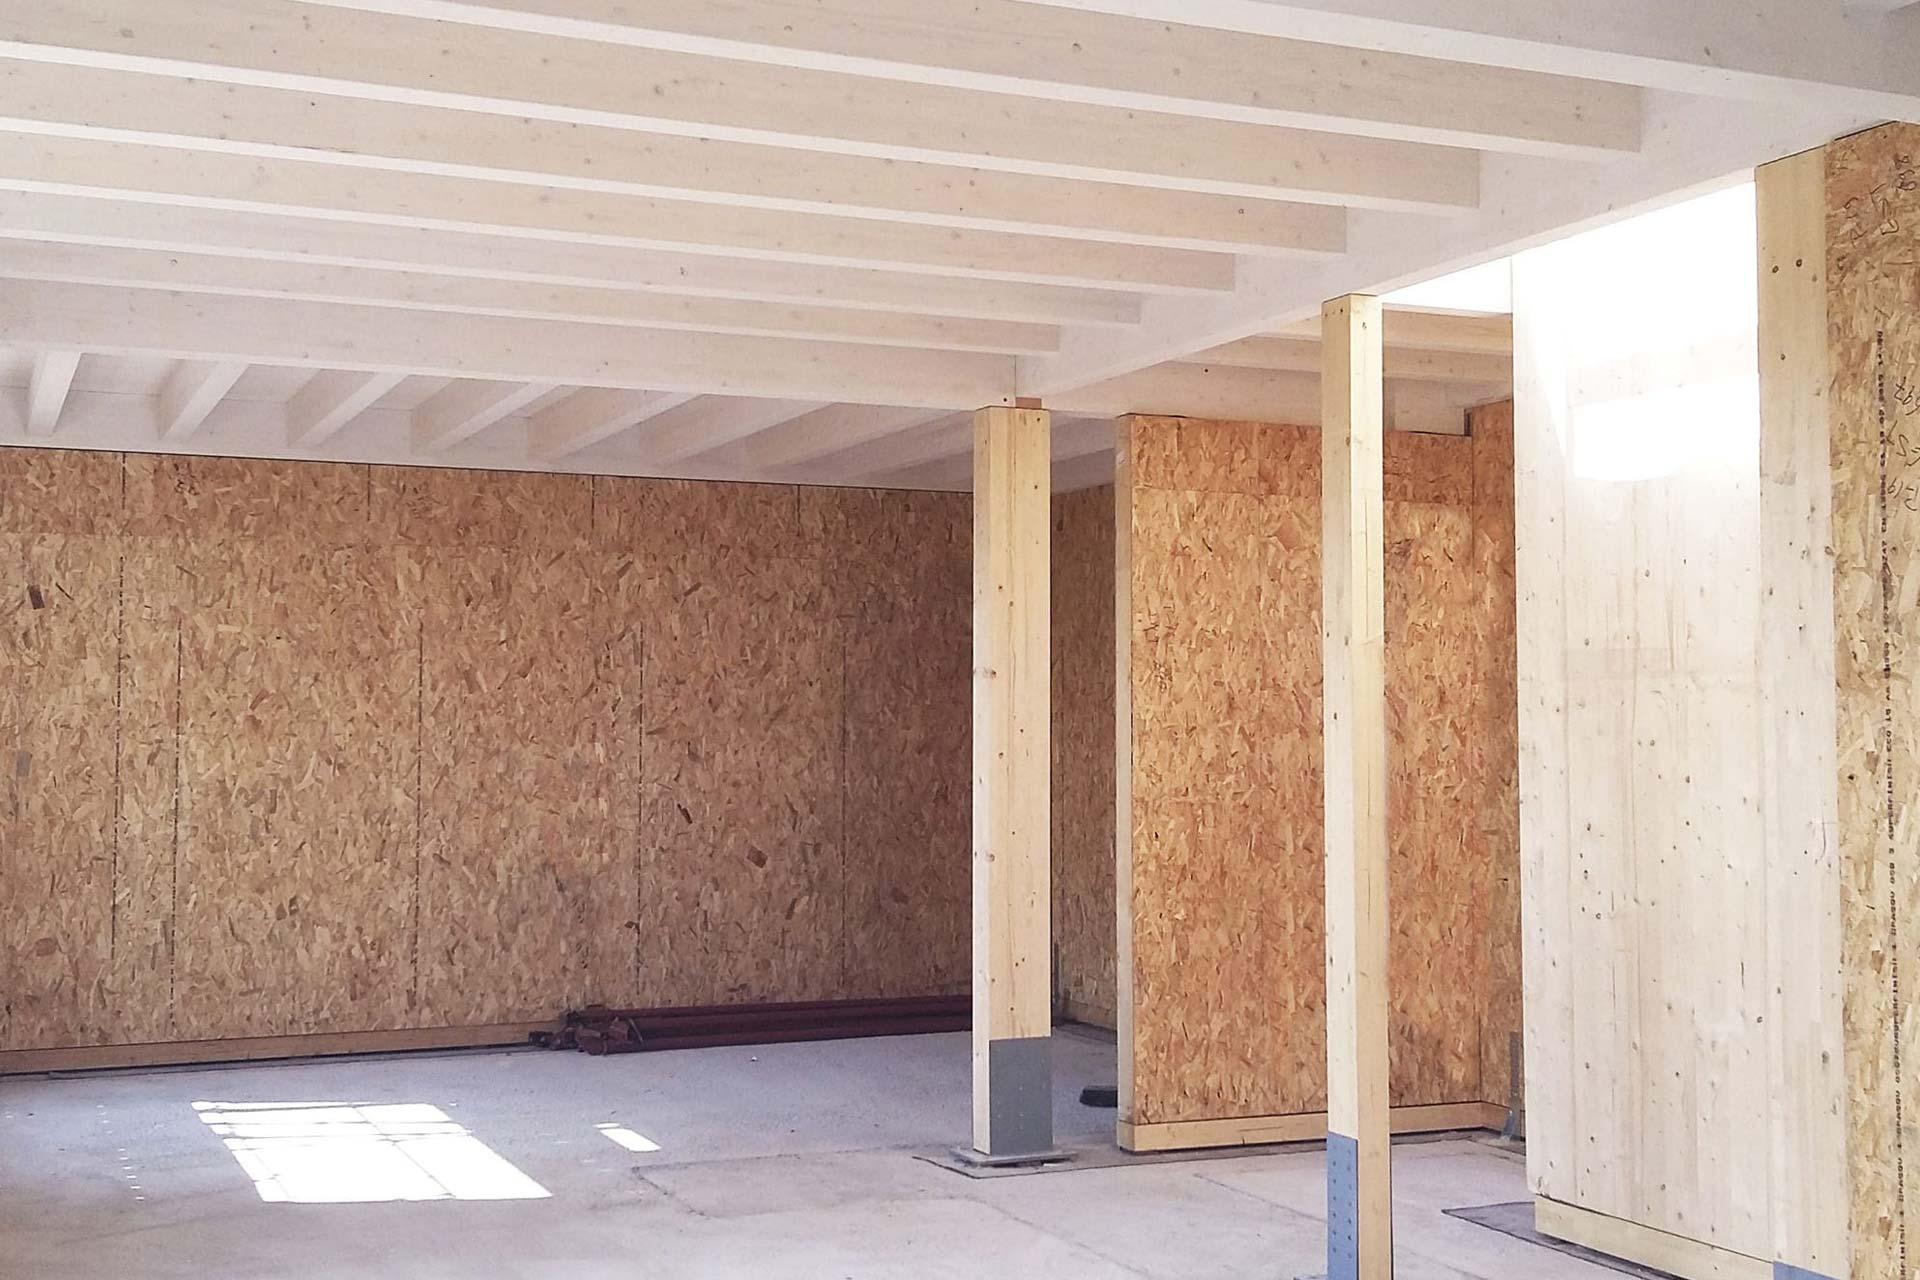 Pannelli Legno Senza Formaldeide pareti con pannelli a telaio | agenzia selmi: legnami